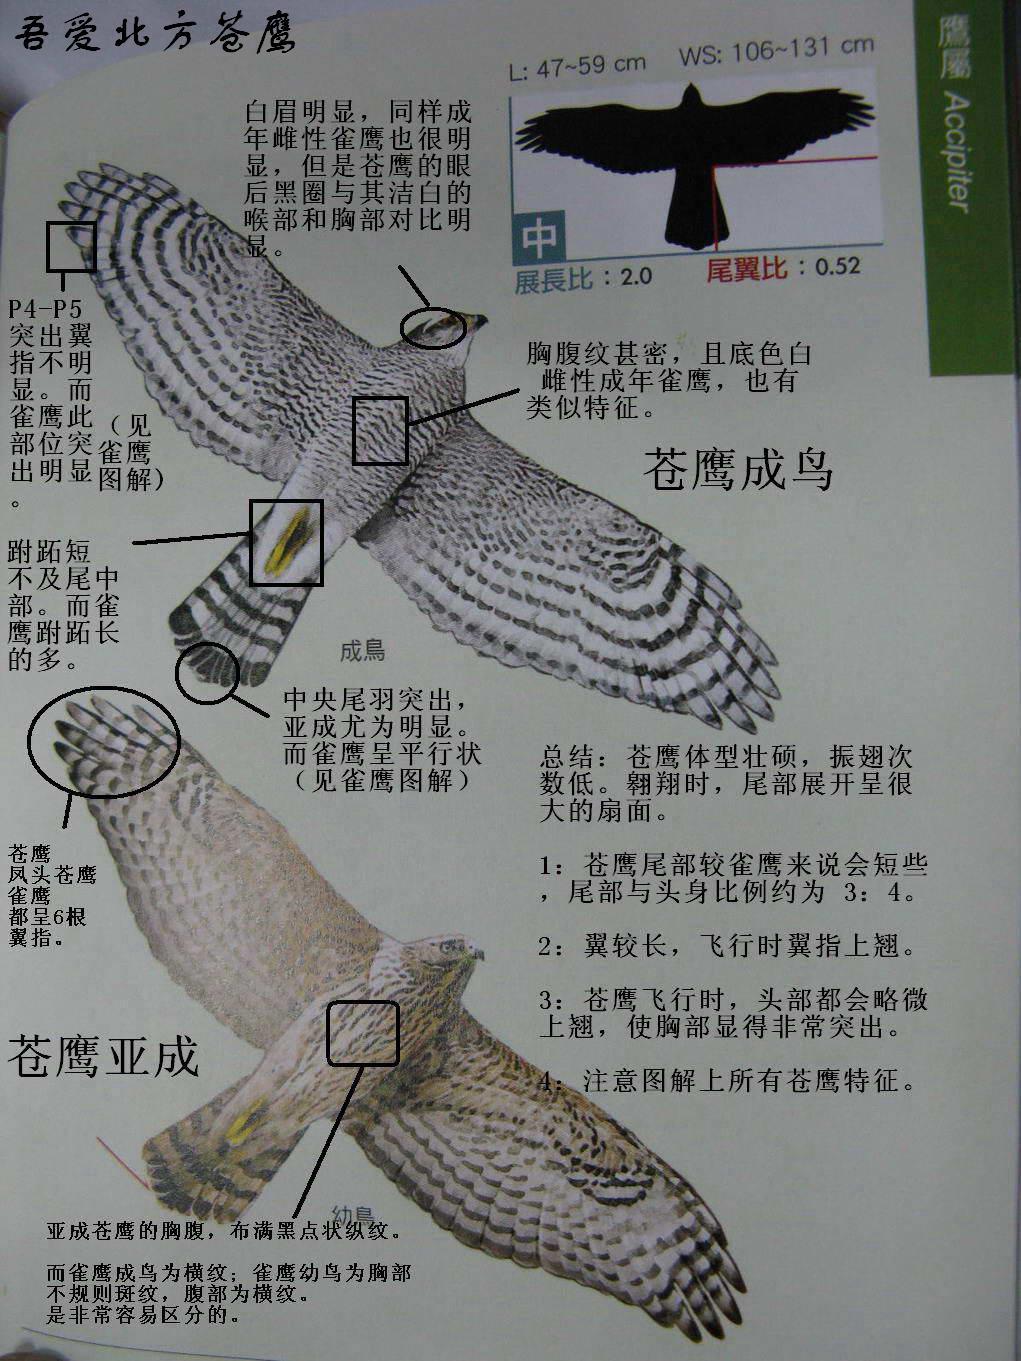 苍鹰1.jpg